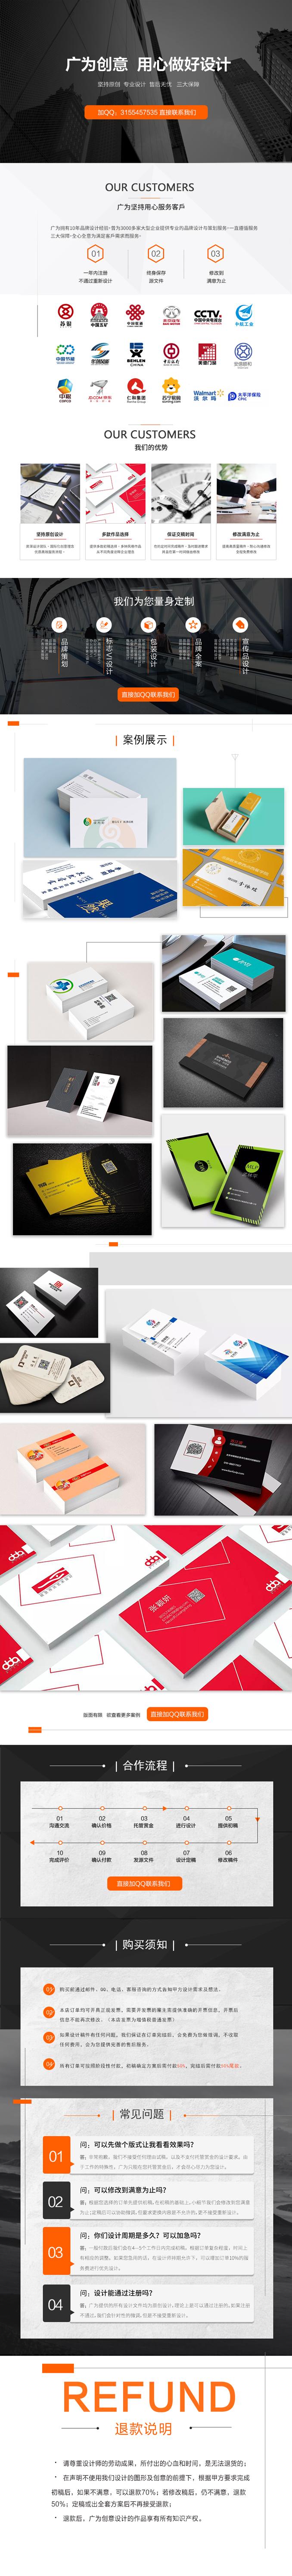 【广为创意广告有限责任公司】高端名片设计 简约名片 创意名片 公司名片 企业个人名片设计_设计服务>>卡片设计>>名片设计